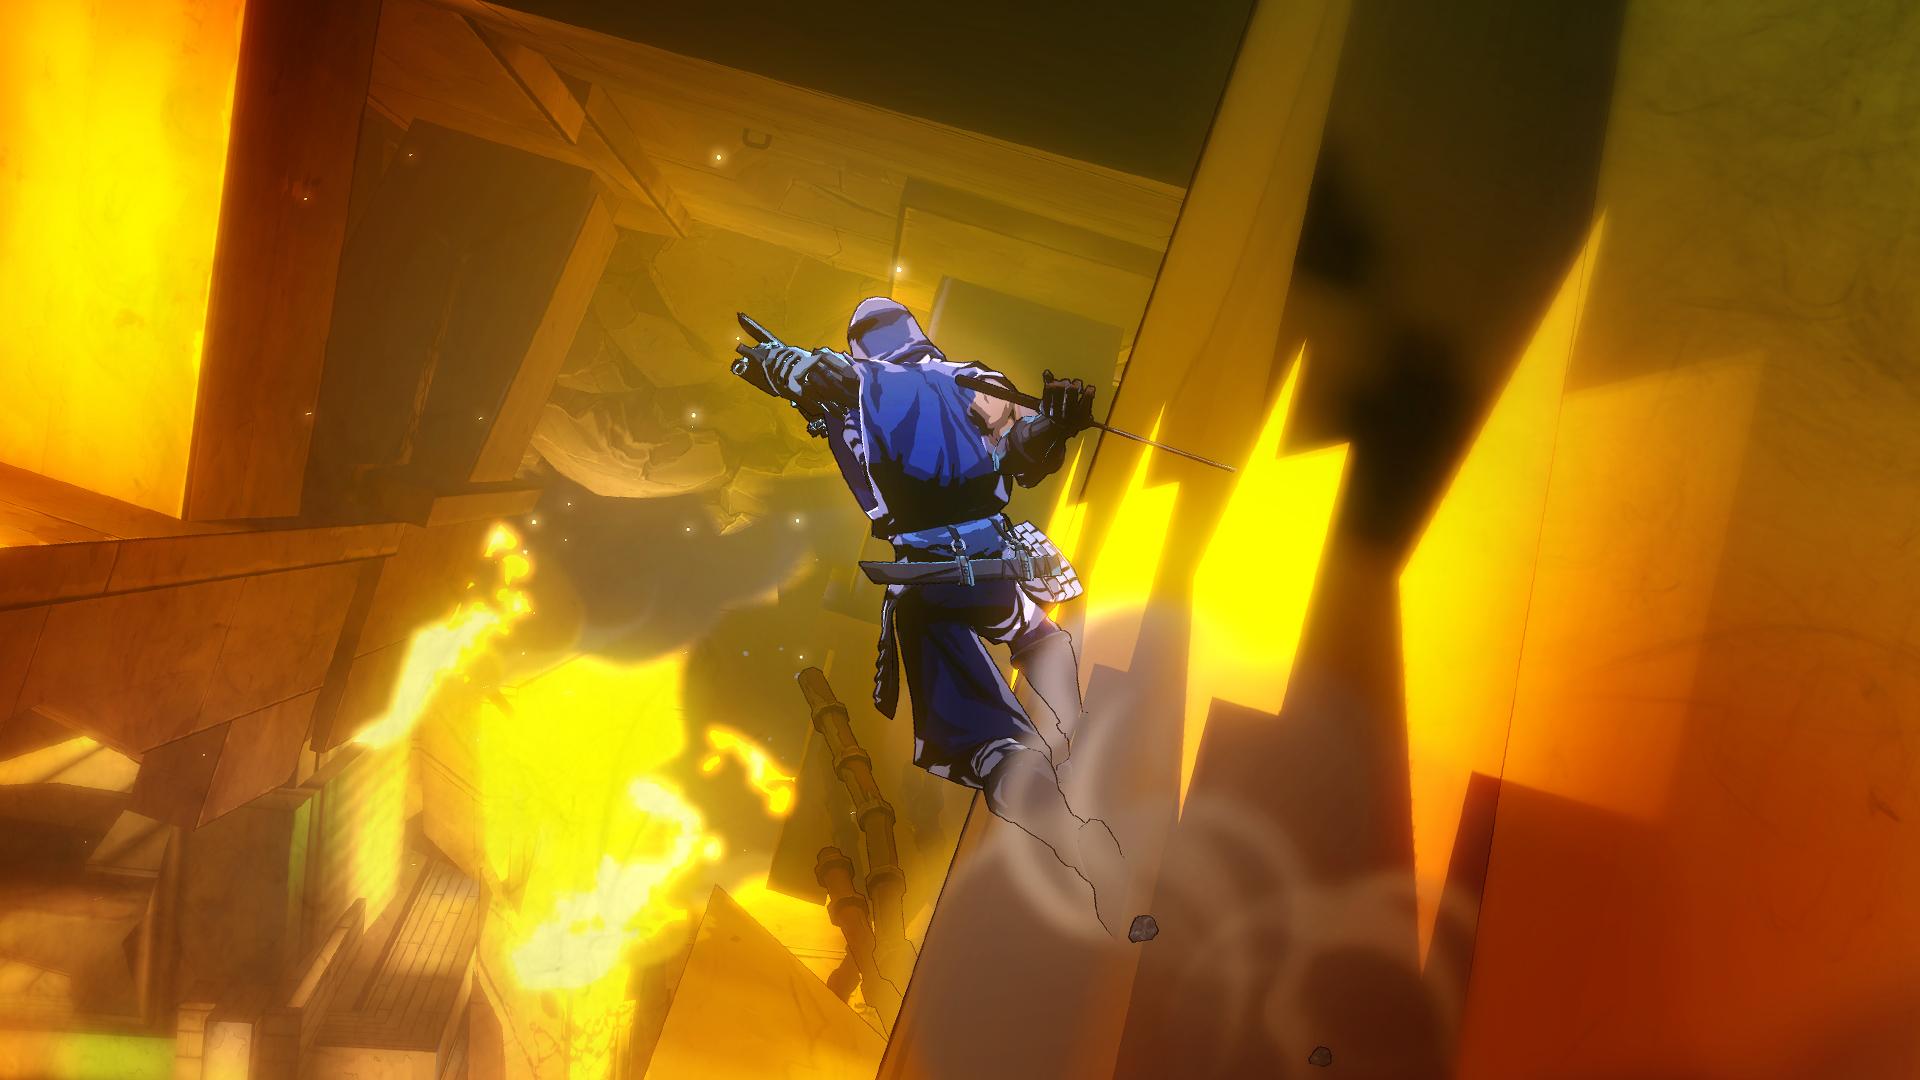 炎と共に崩れ落ちるビル群、その中を壁走りするヤイバ。アクロバティックな移動アクションも、忍者にとっては日常茶飯事。壁に示された矢印はヤイバのサイボーグビジョンが見せるガイドのようなものだ